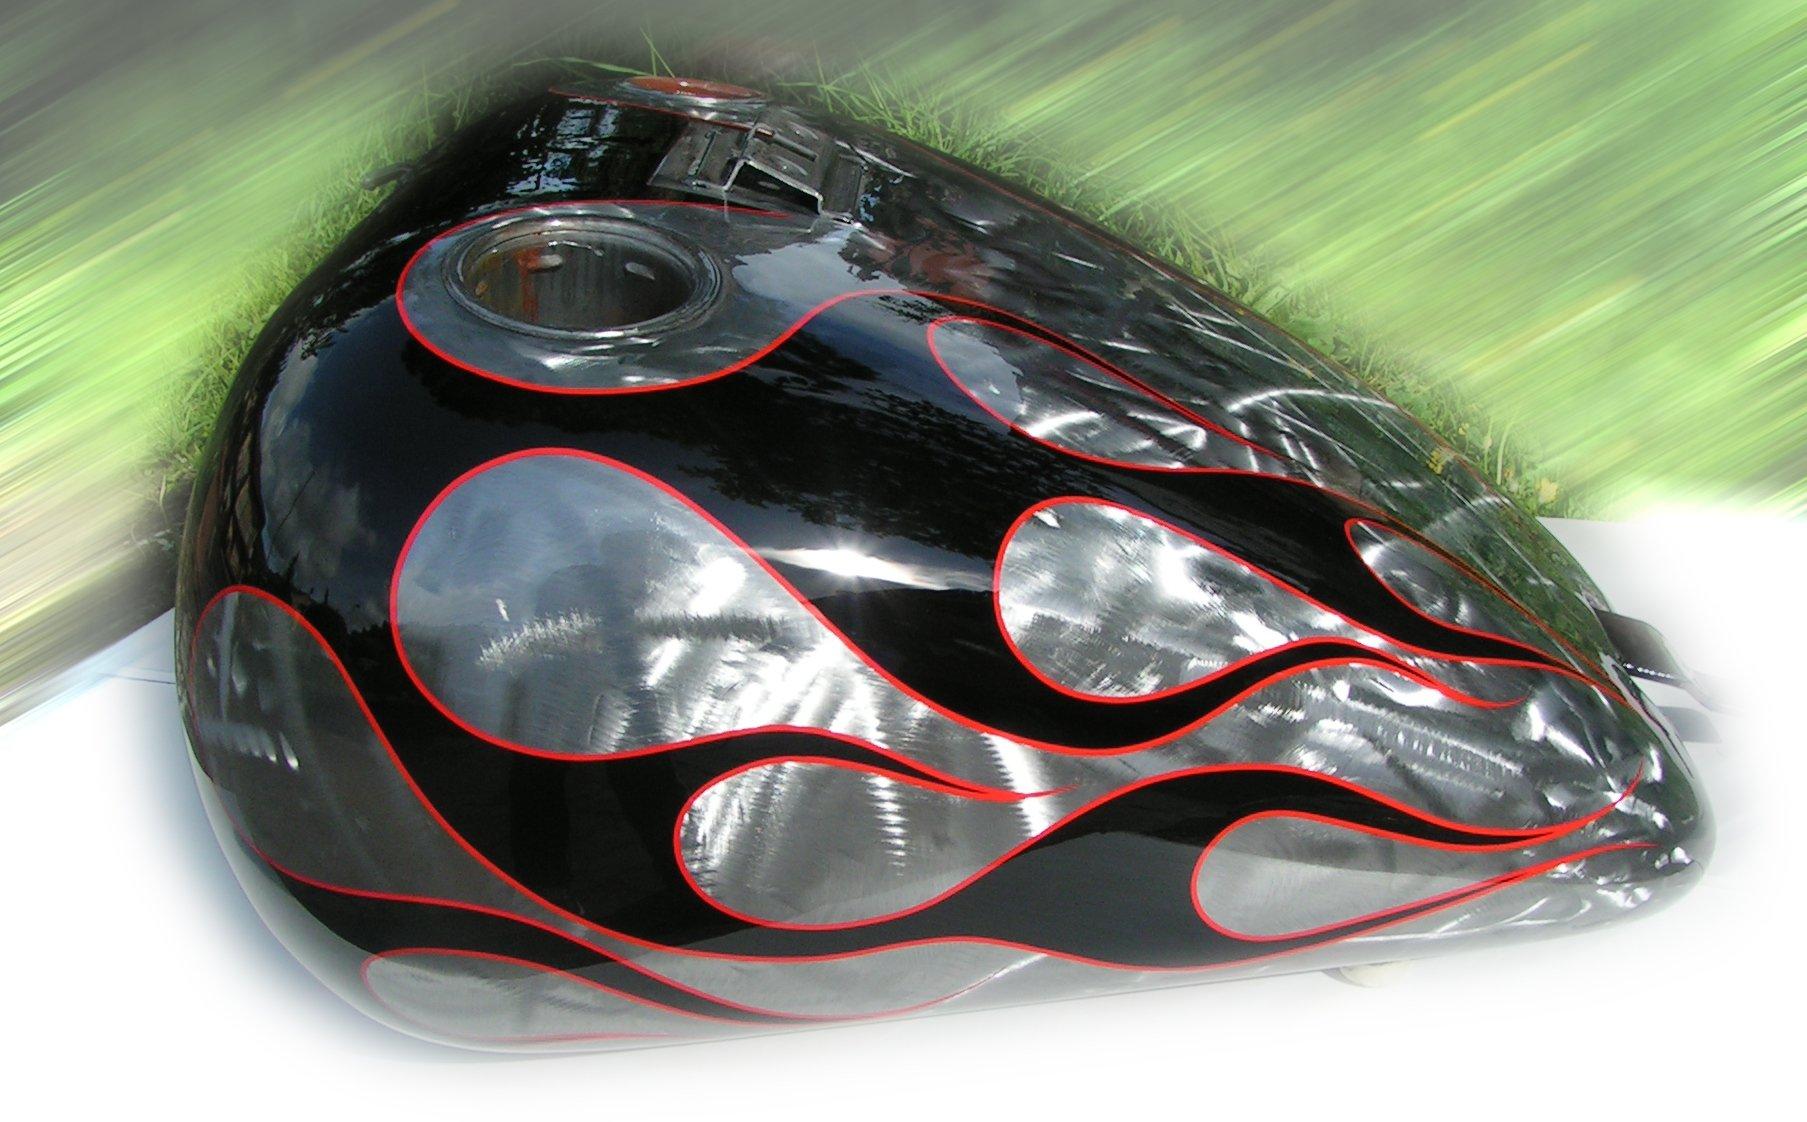 serbatoio harley davidson grigio e nero